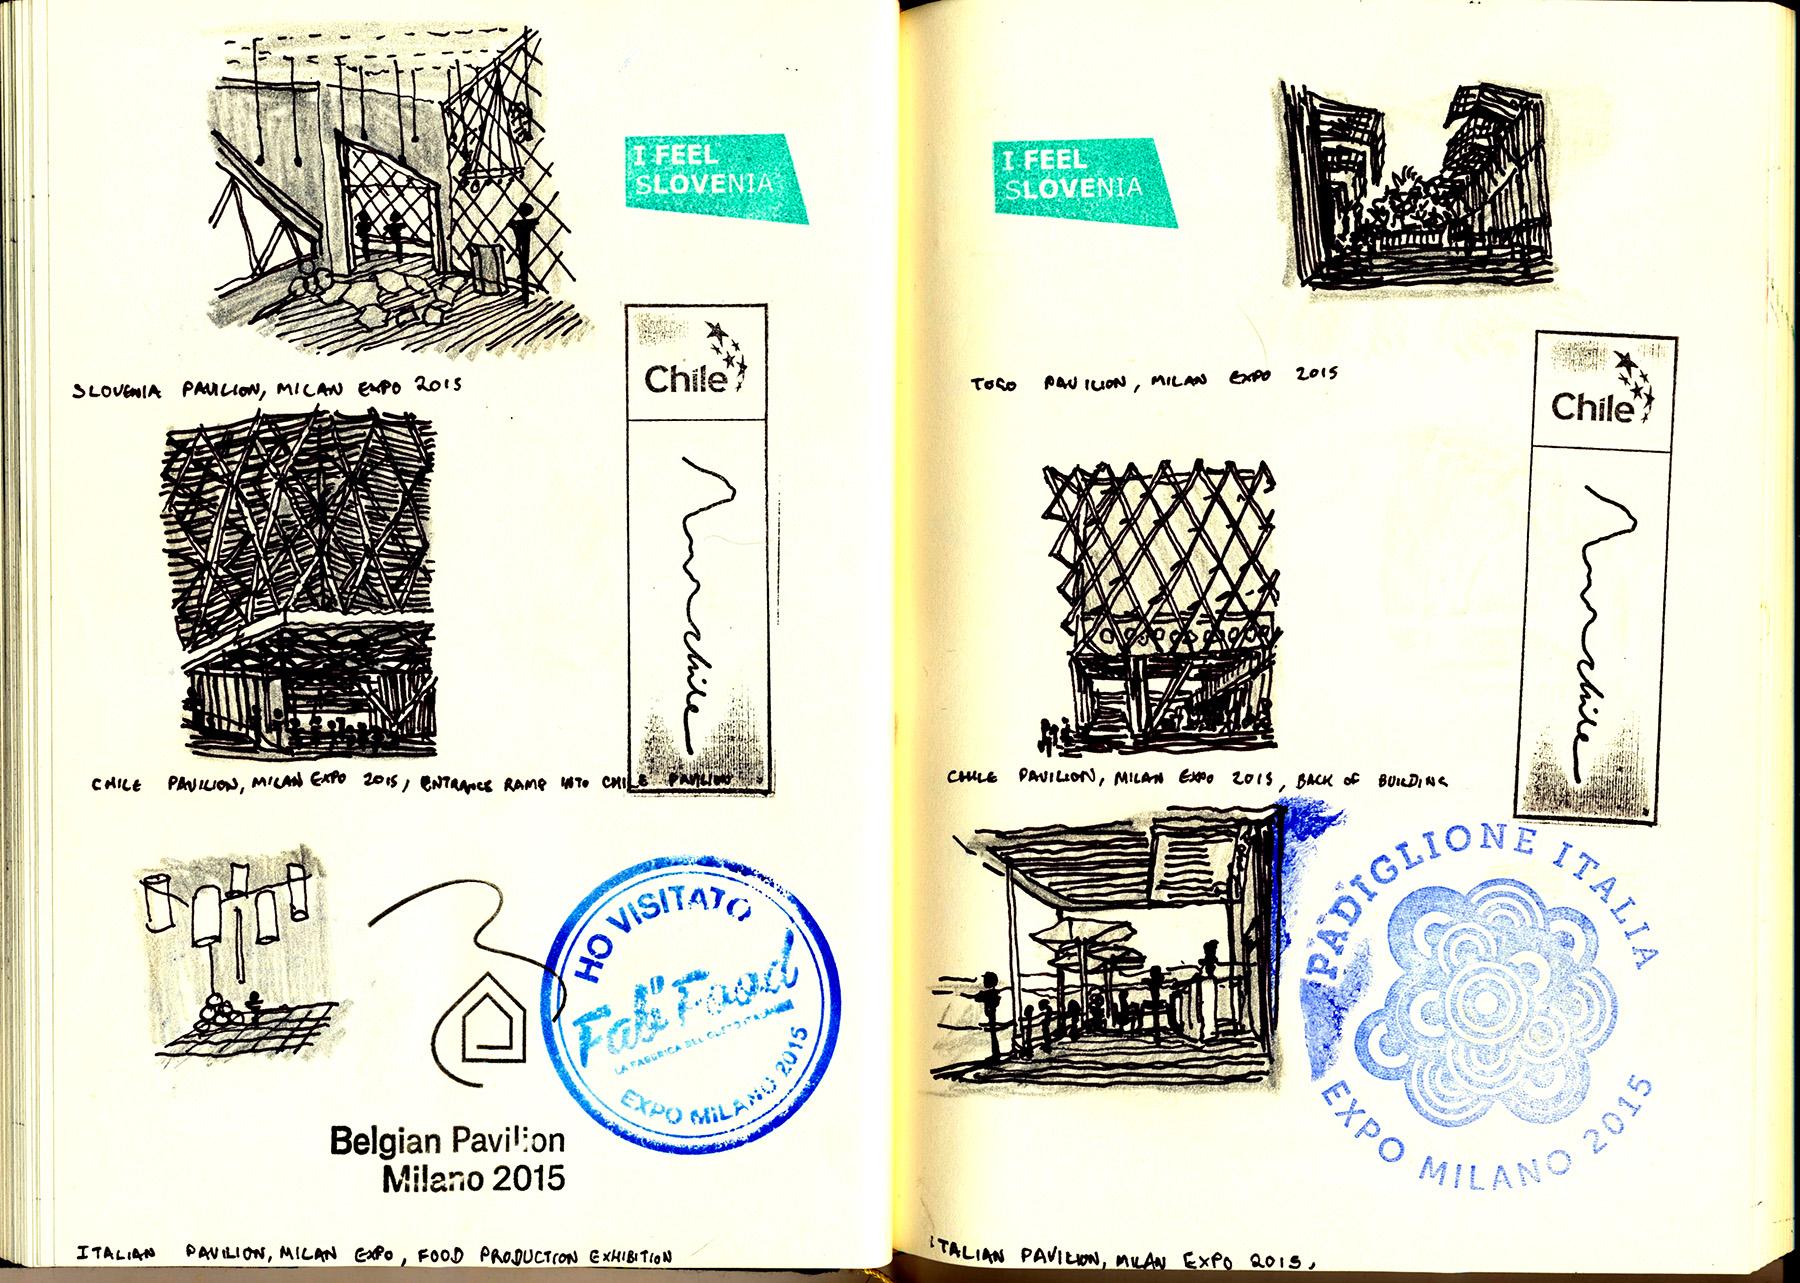 151020_MilanExpo_2_WEB.jpg